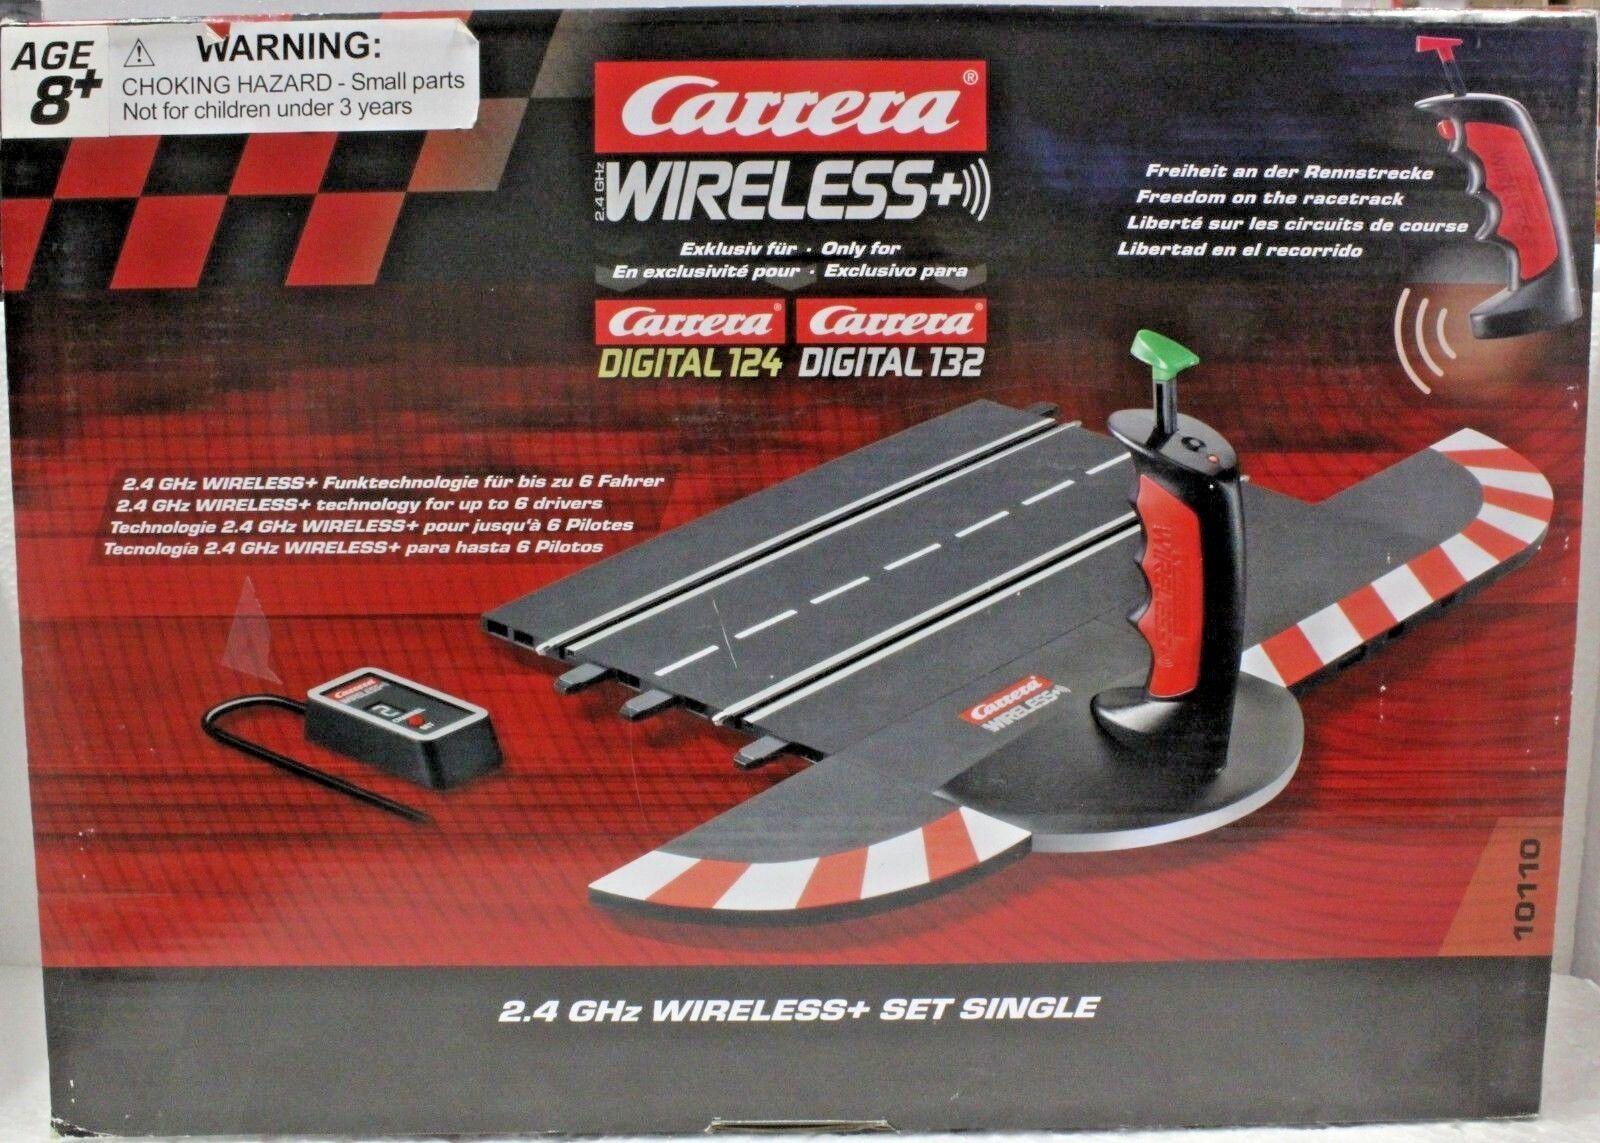 Carrera 10110 Numérique 132 sans fil 2.4 GHz Contrôleur Unique 1 24 & 1 32 SLOT